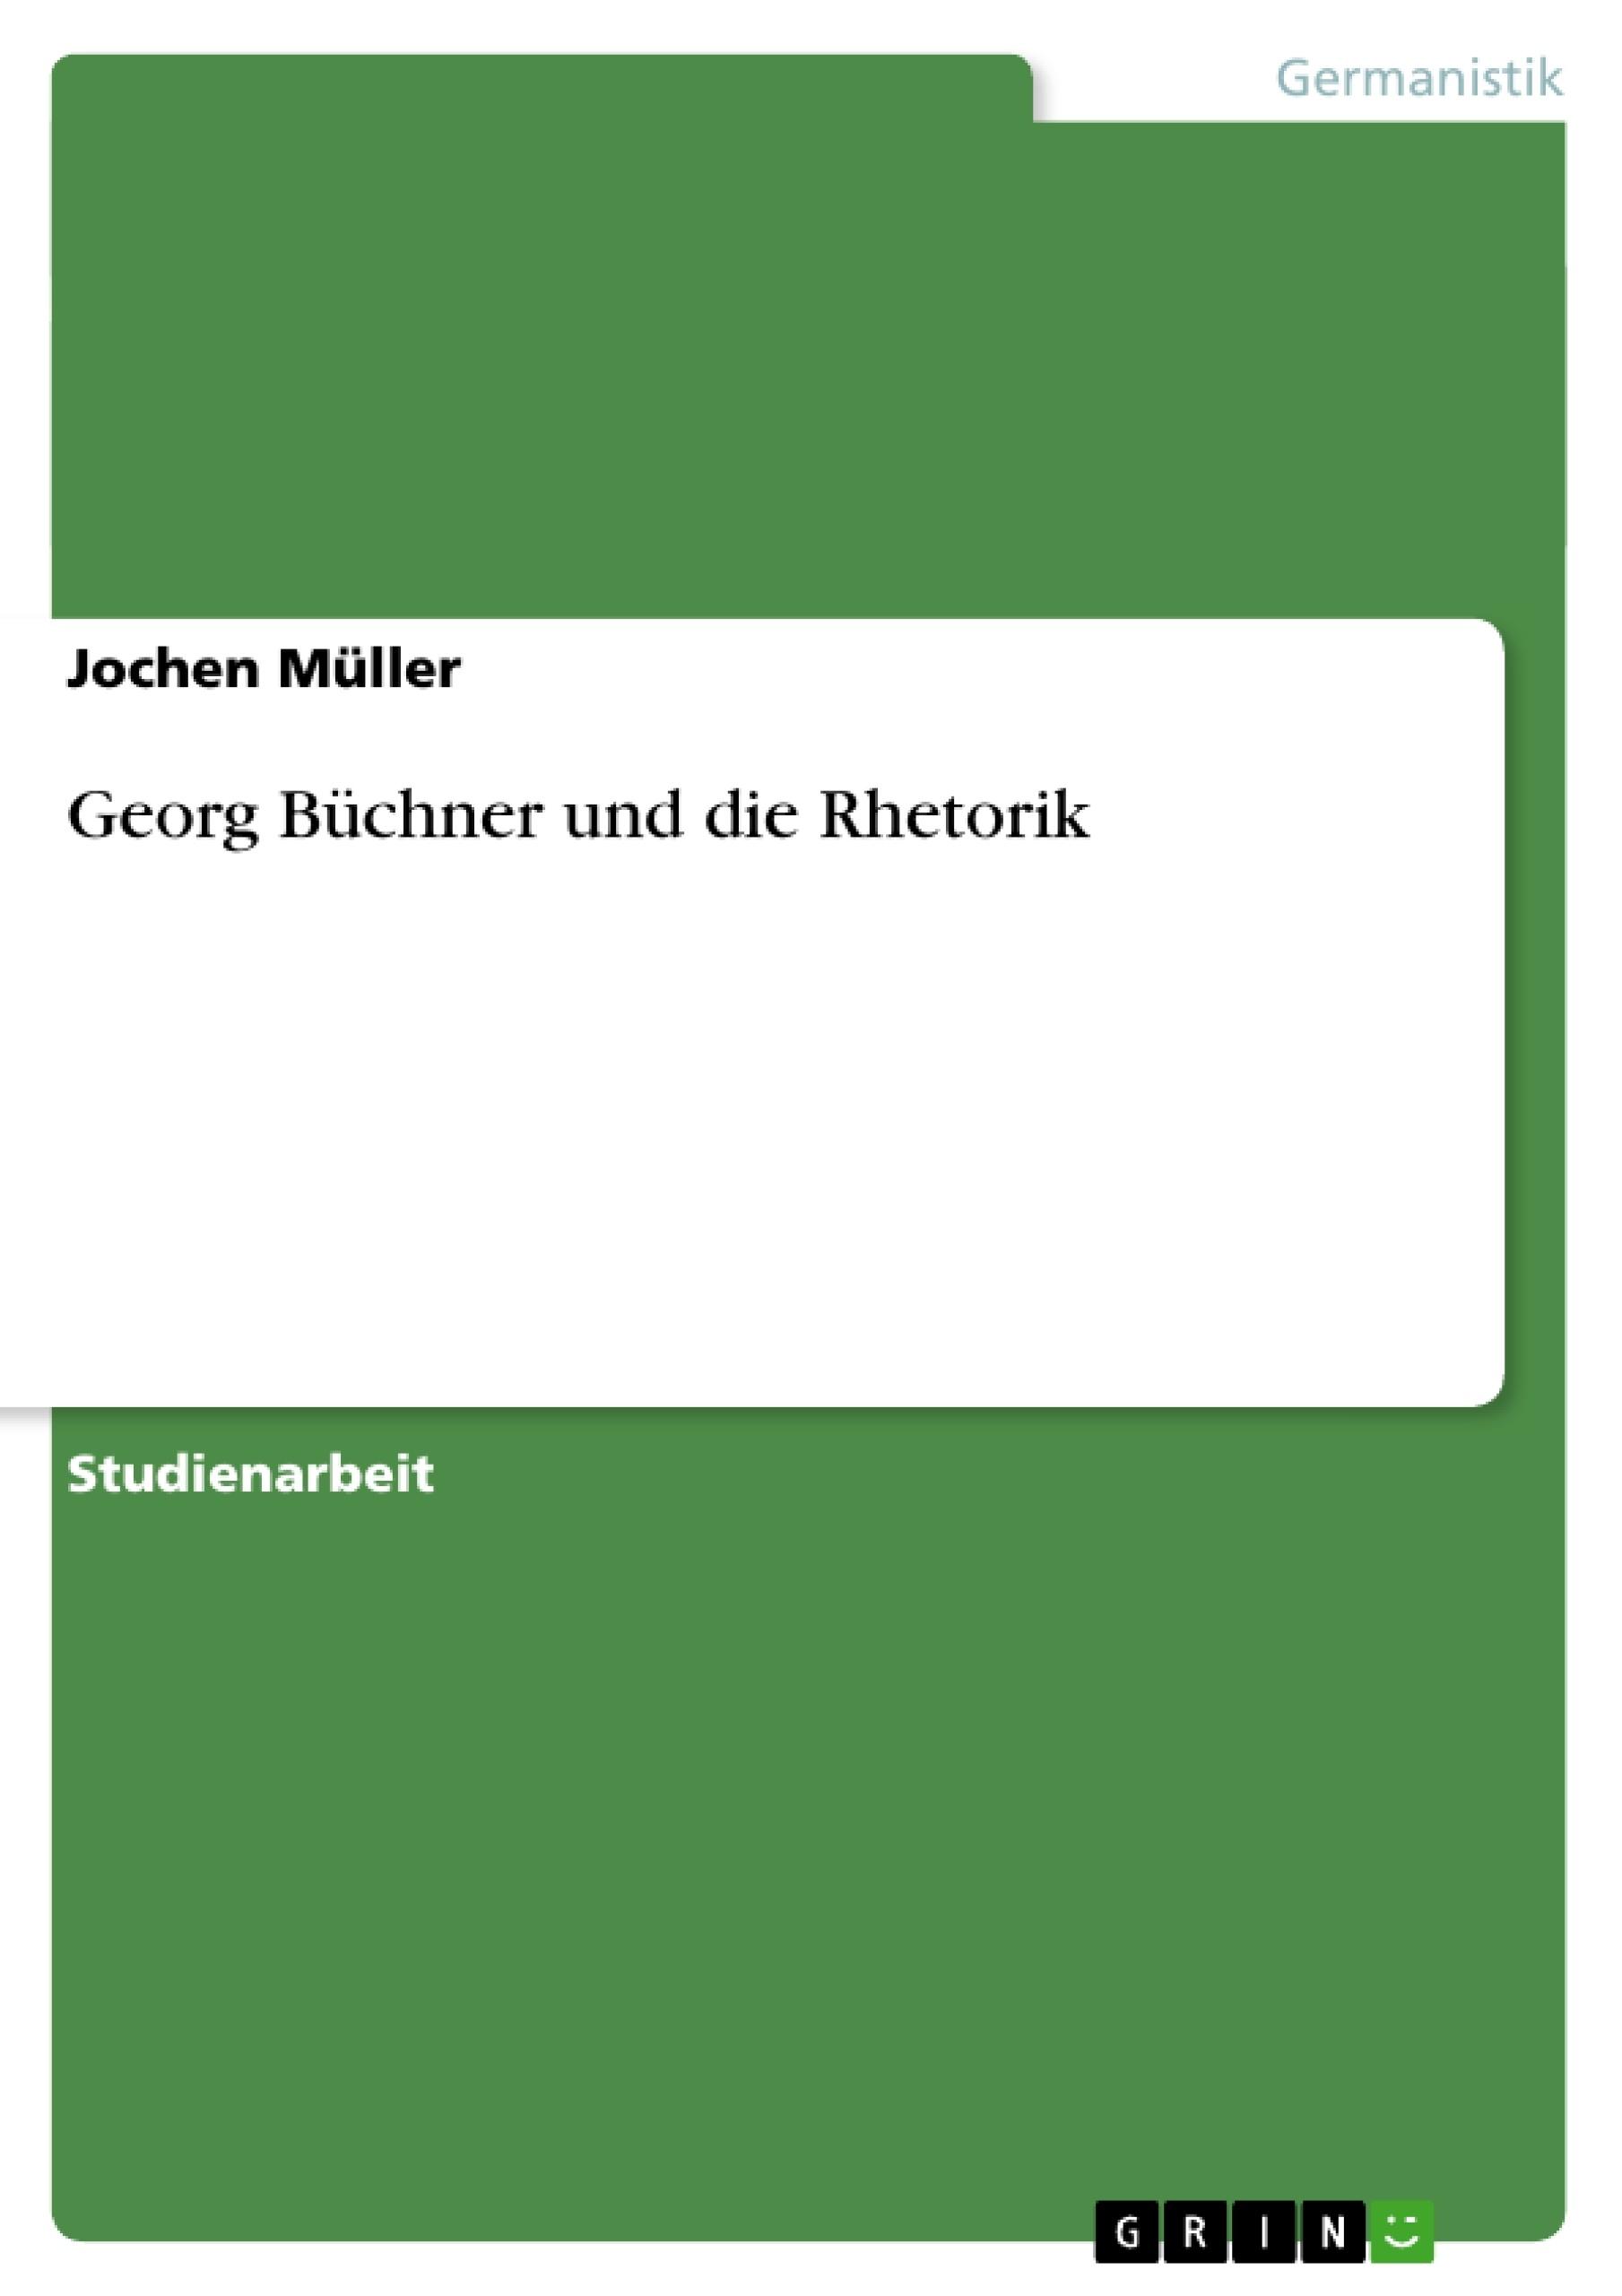 Georg Büchner und die Rhetorik | Hausarbeiten publizieren